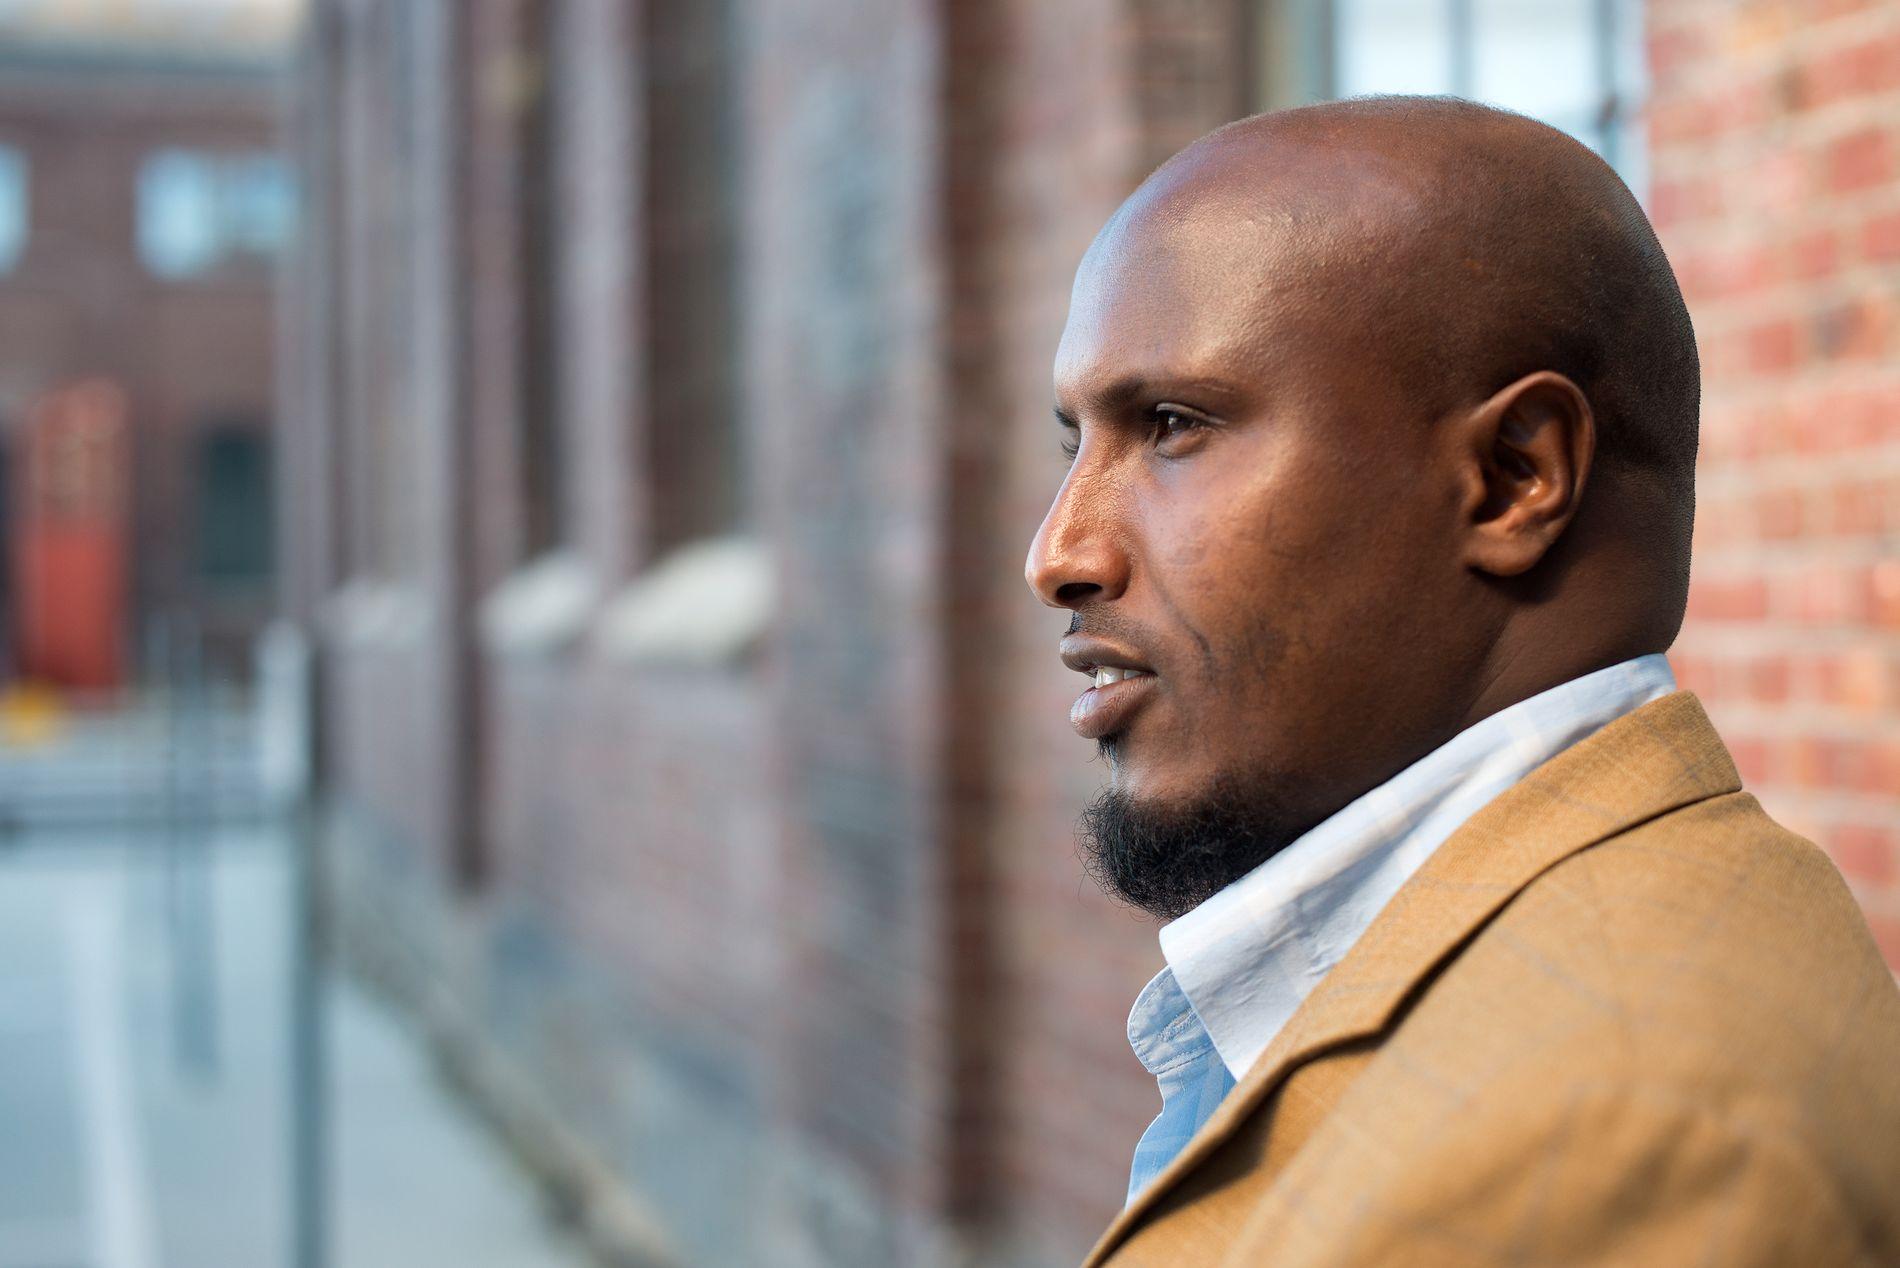 DØRÅPNER: I starten opplevde jeg nordmenn som lukkede. I 2005 ble jeg fotballdommer, og det var en døråpner for meg, skriver Ibrahim.